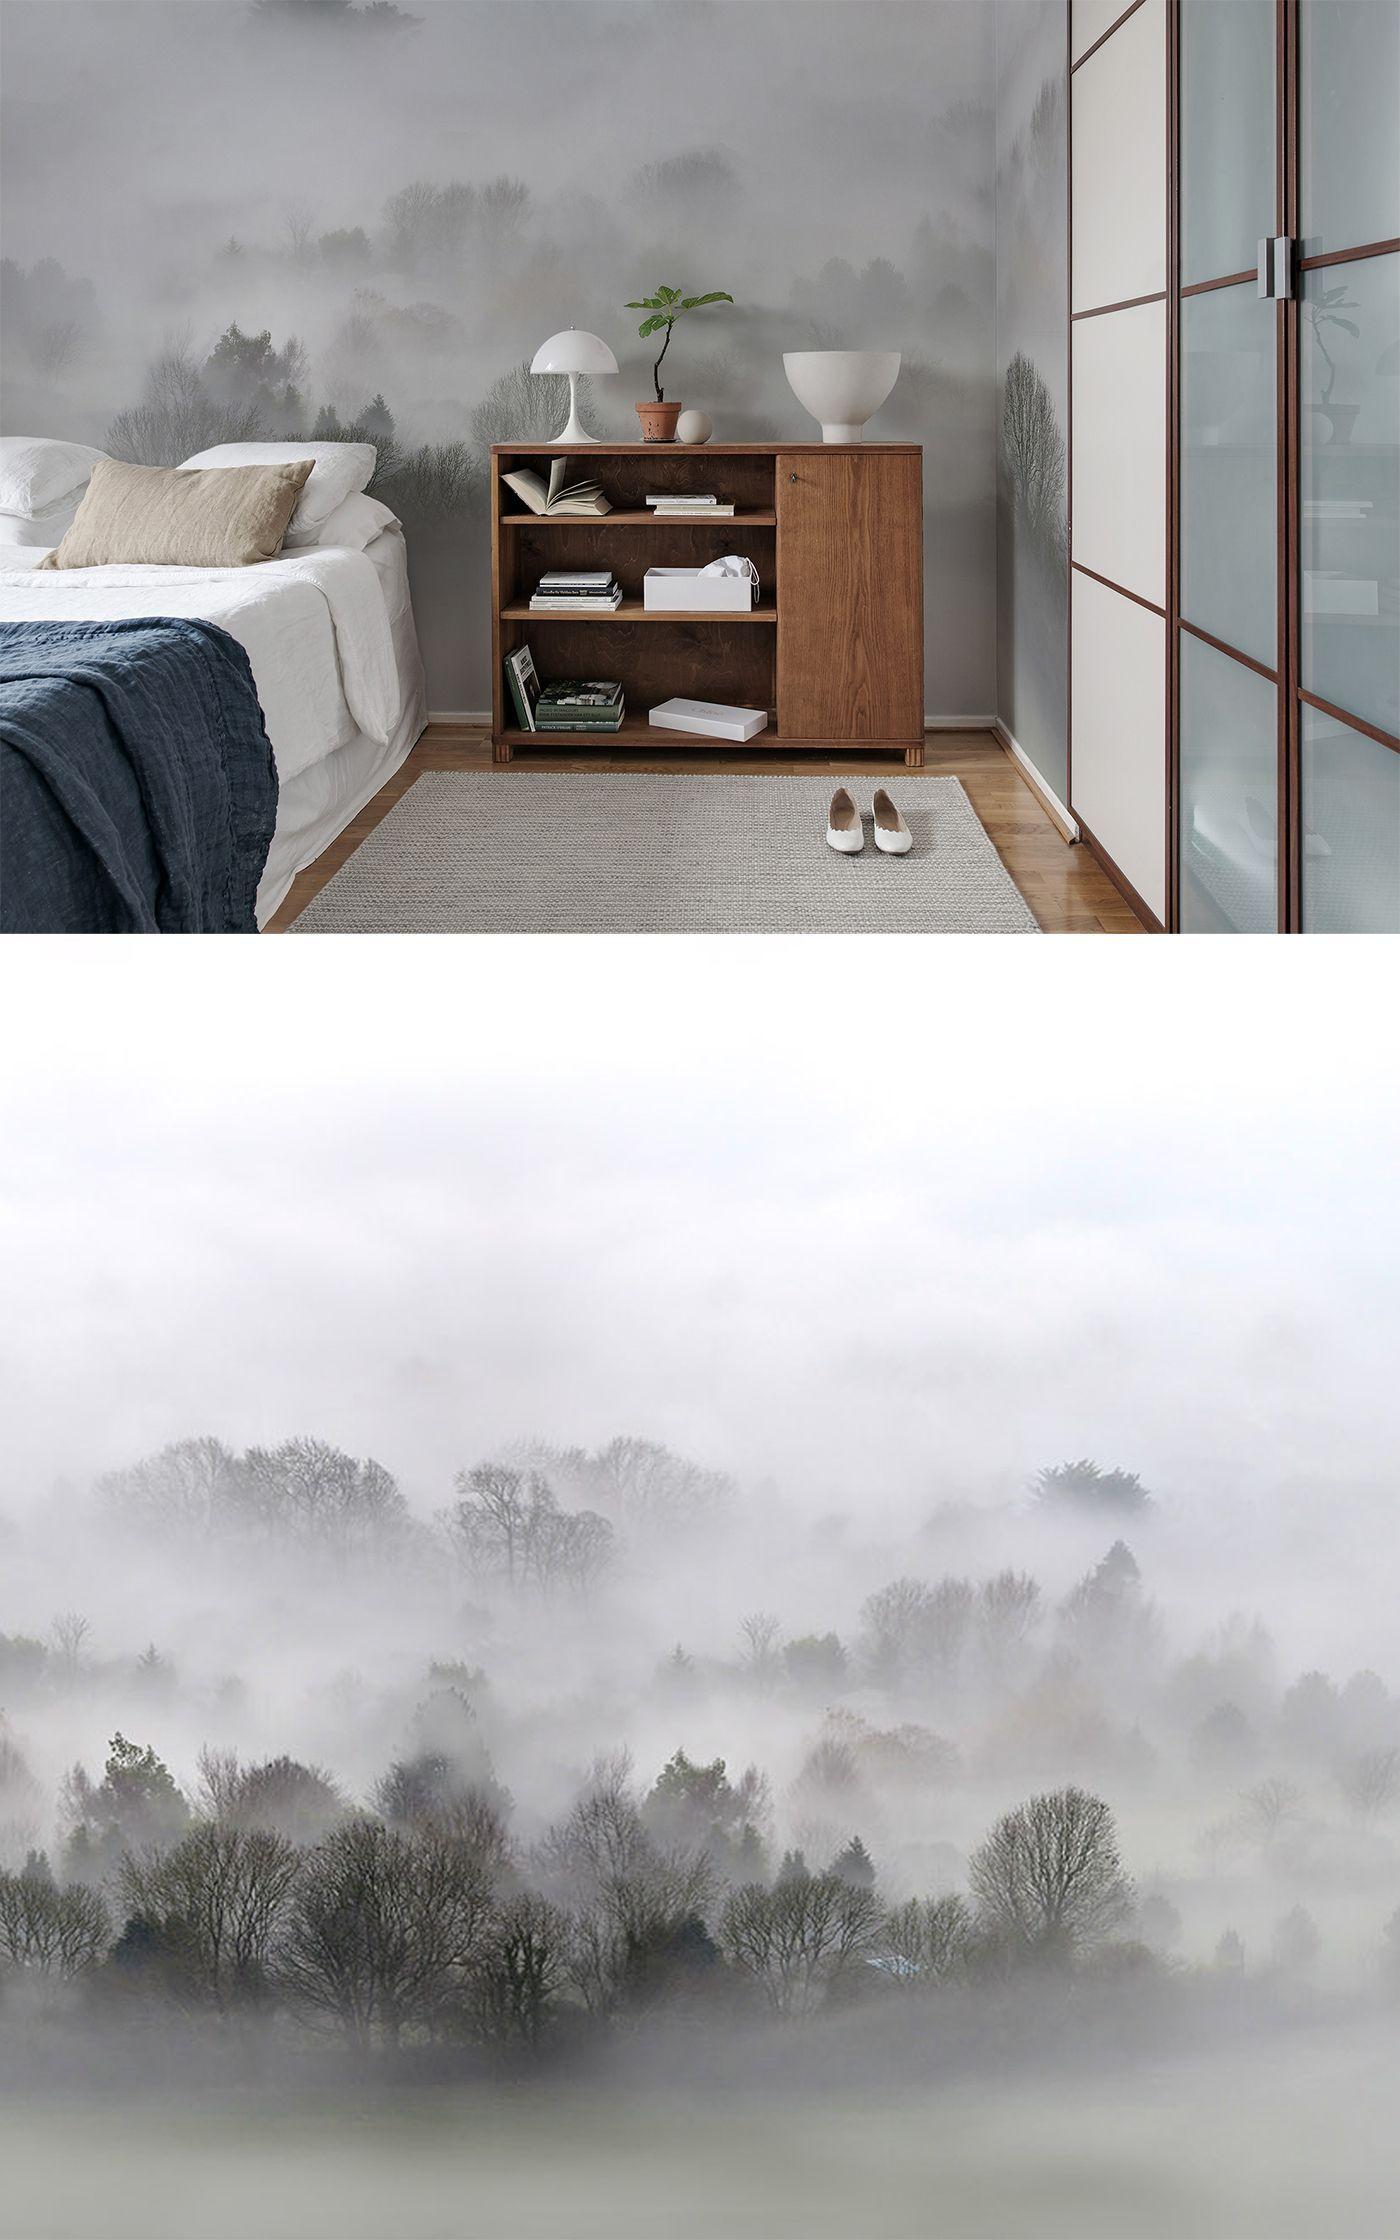 Morning Fog Wanddekowohnzimmer Wallpaper Childrens Room